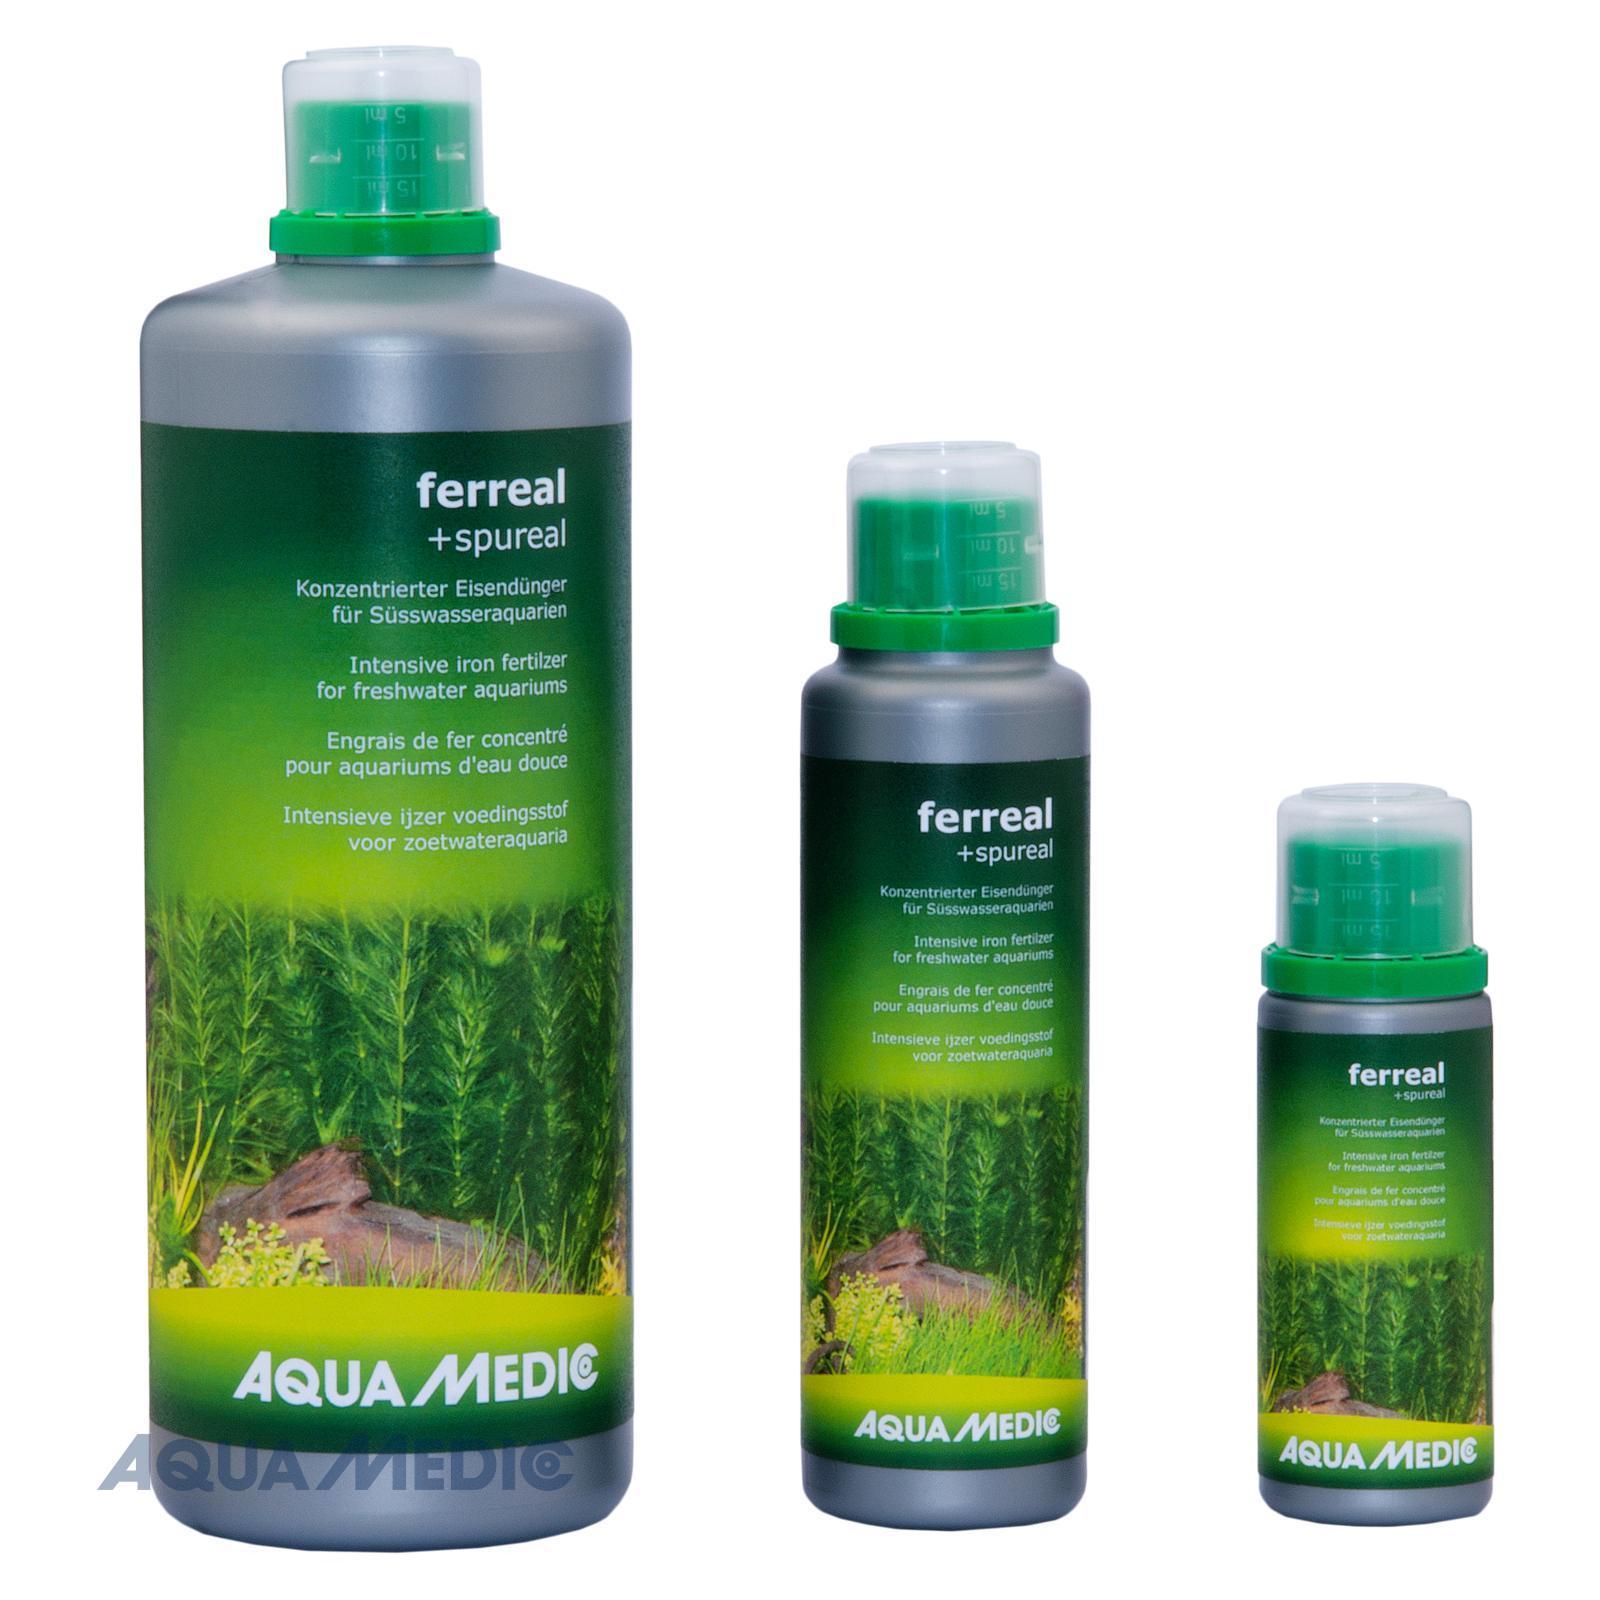 ferreal + spureal 5000 ml - Konzentrierter Eisendünger für Süßwasseraquarien